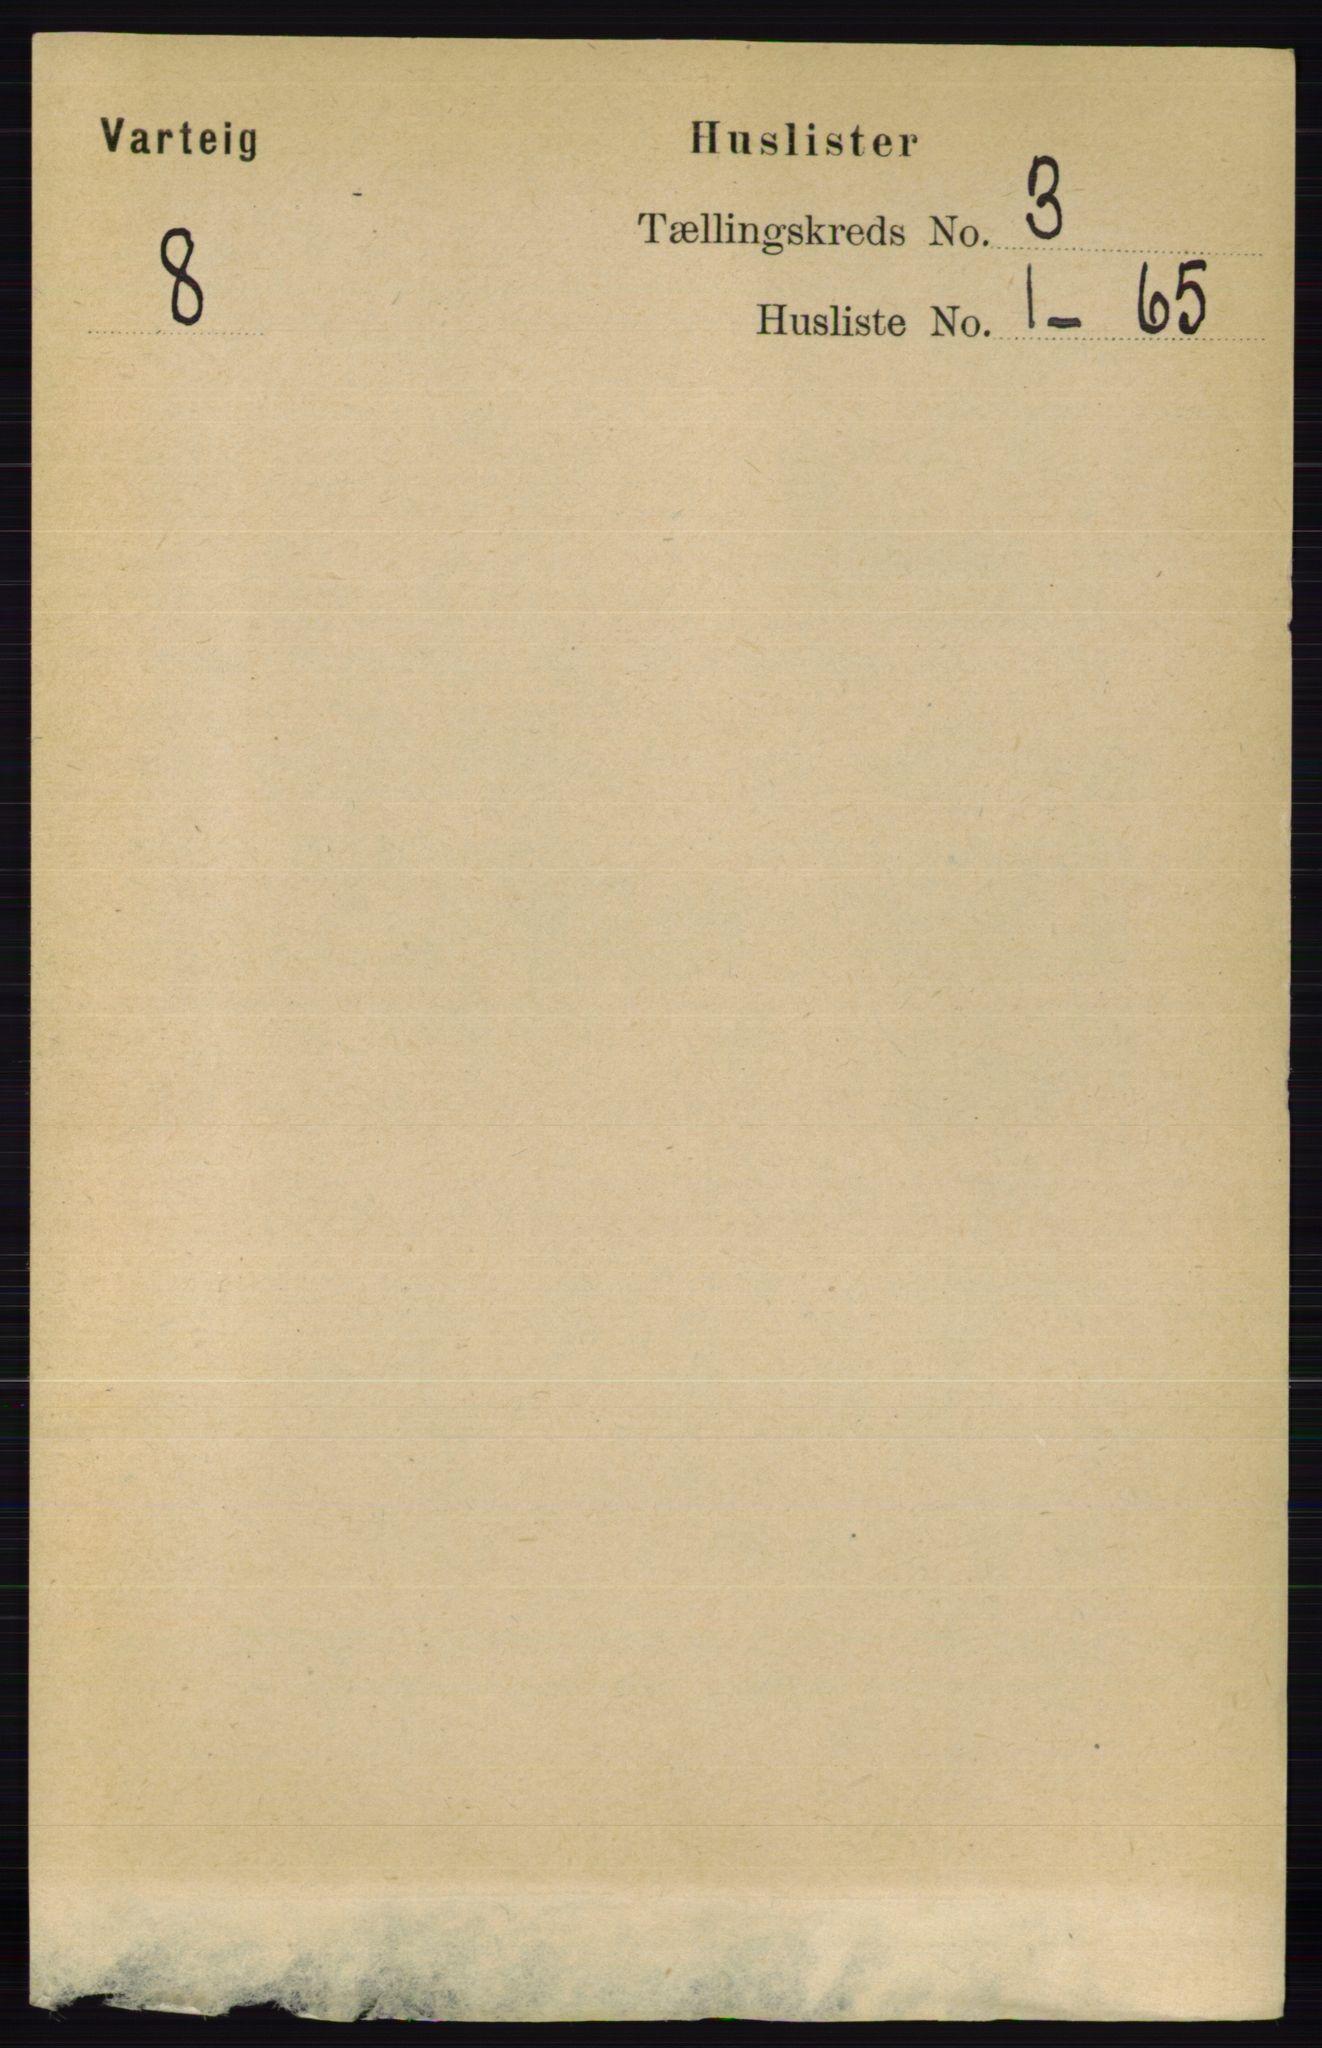 RA, Folketelling 1891 for 0114 Varteig herred, 1891, s. 1085